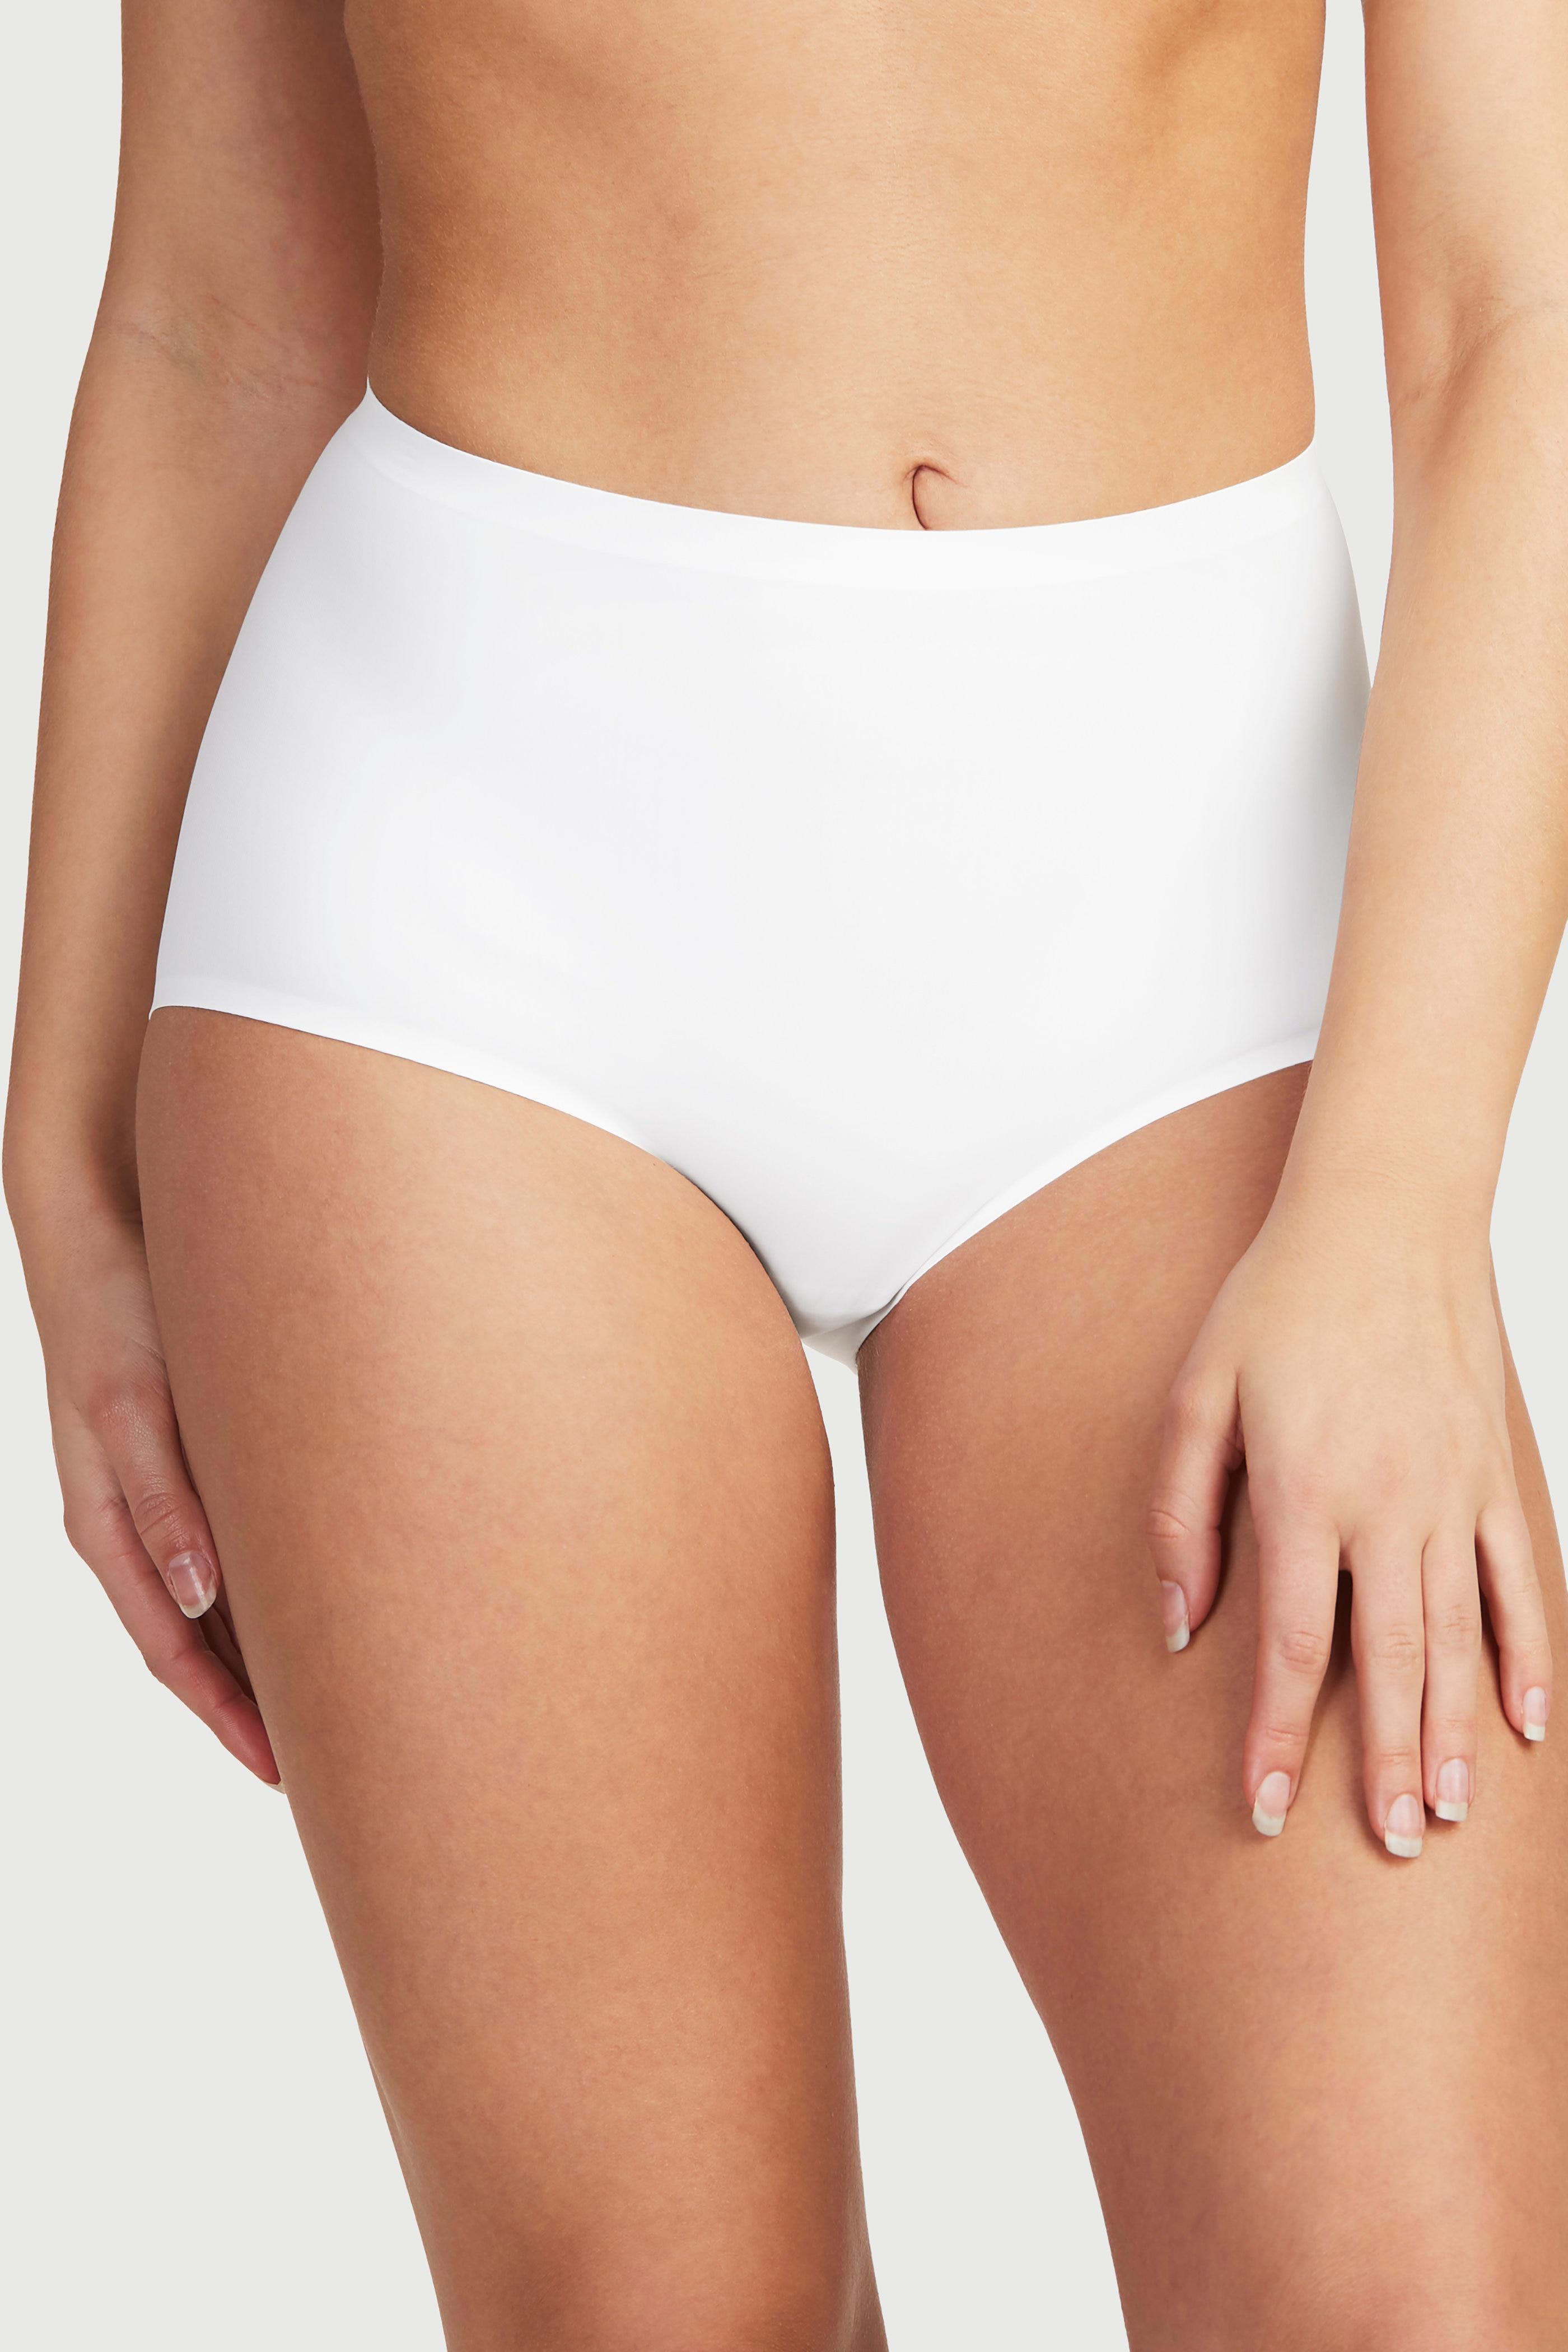 Saumattomat korkeavyötäröiset alushousut 3 kpl/pakkaus